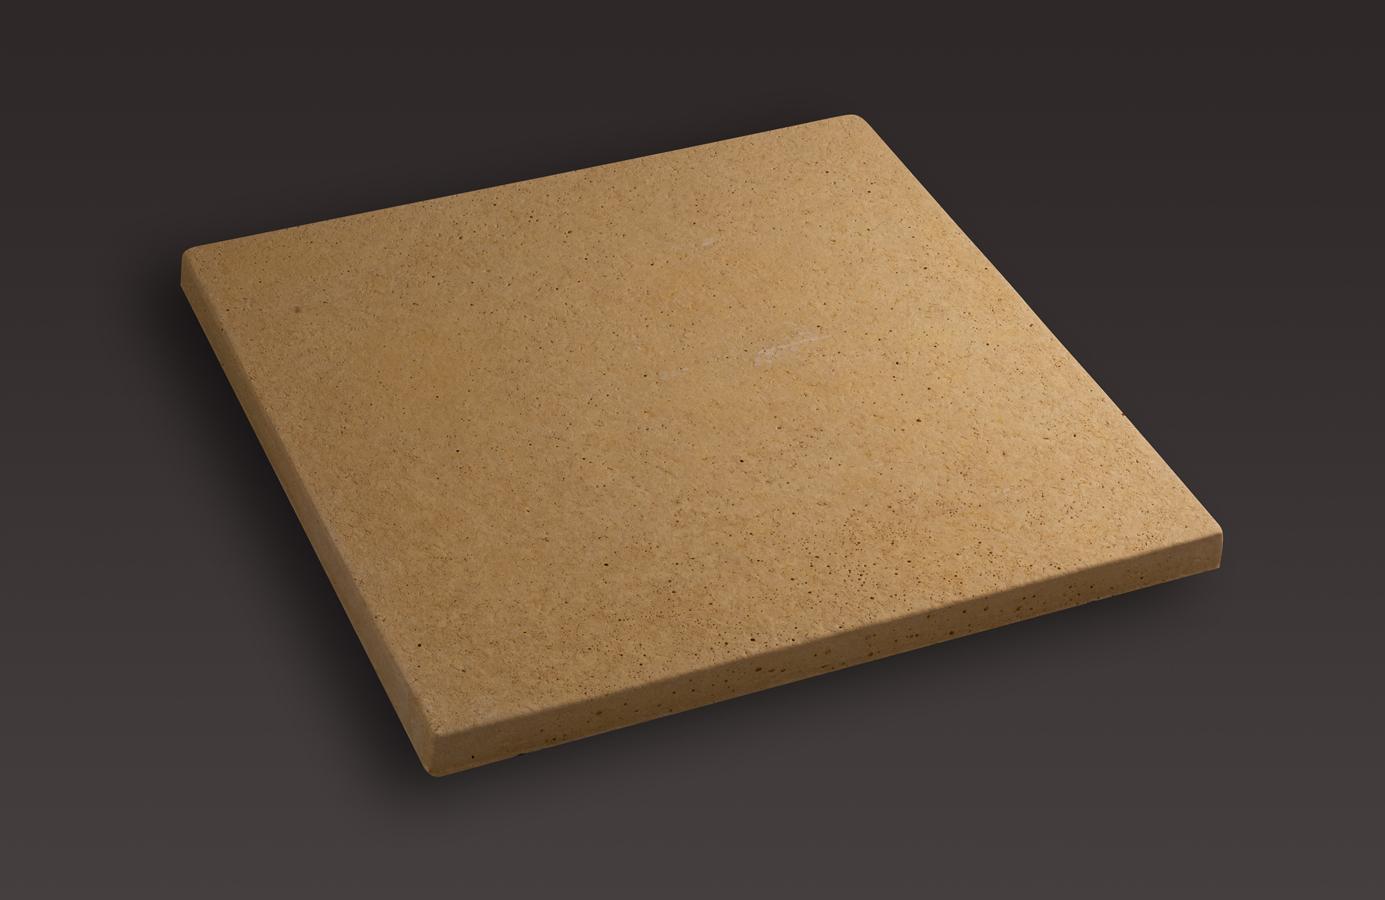 Dalle carr e lisse 50x50x3 bmop - Couleur ocre jaune ...